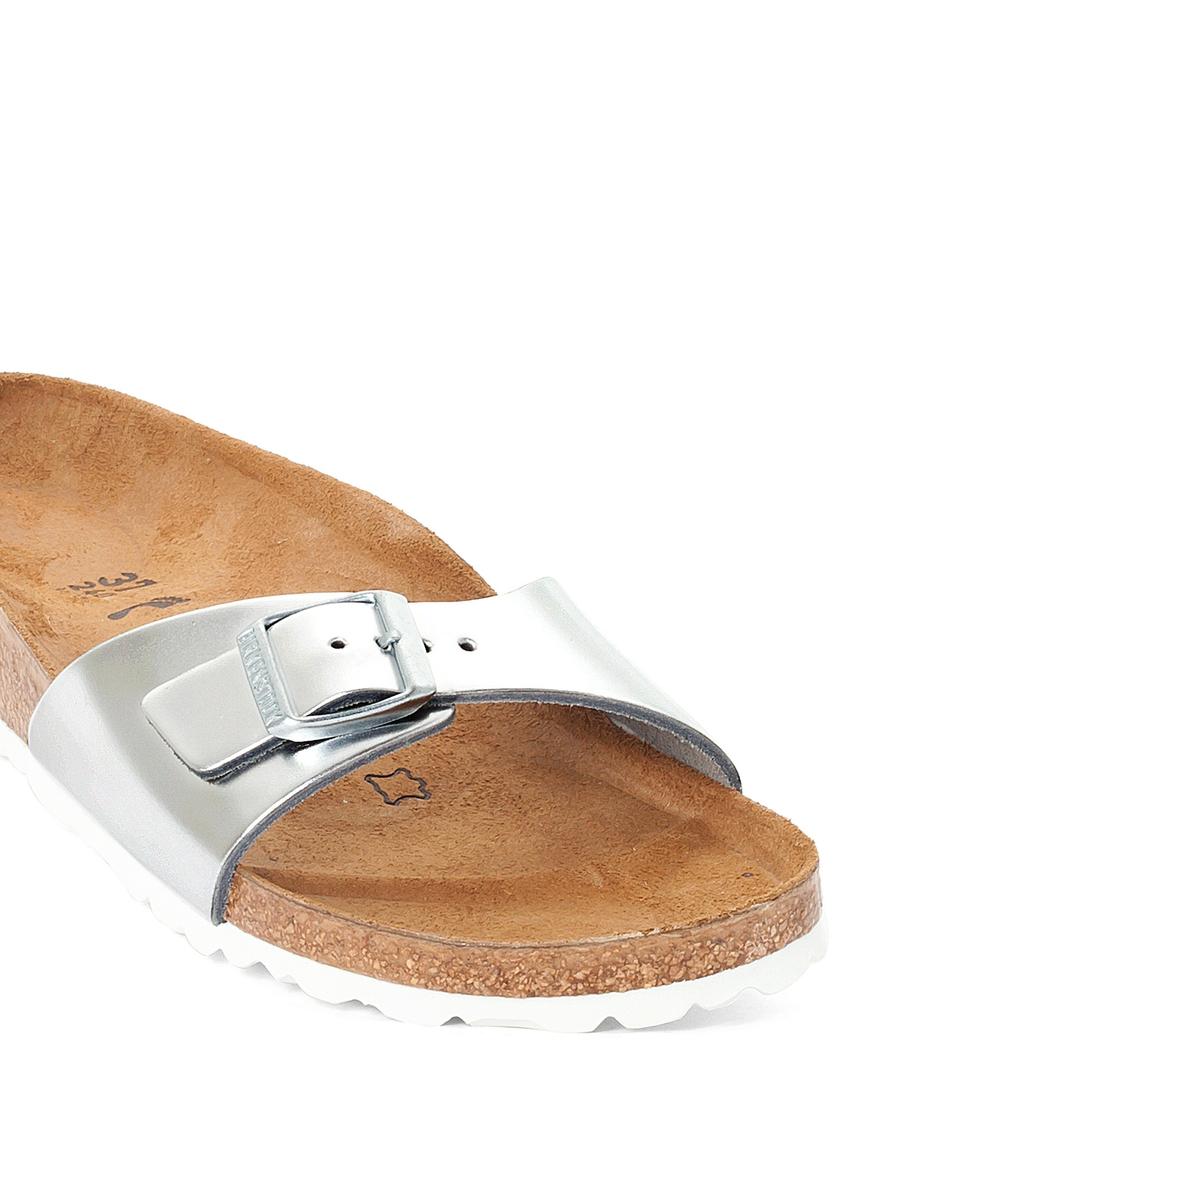 Туфли без задника синтетическиеДетали   •  Вьетнамки •  Застежка : без застежки •  Открытый мысокСостав и уход   •  Верх 100% синтетический материал •  Подкладка 100% текстиль •  Стелька 100% кожа •  Подошва 100% ЭВА<br><br>Цвет: серебристый